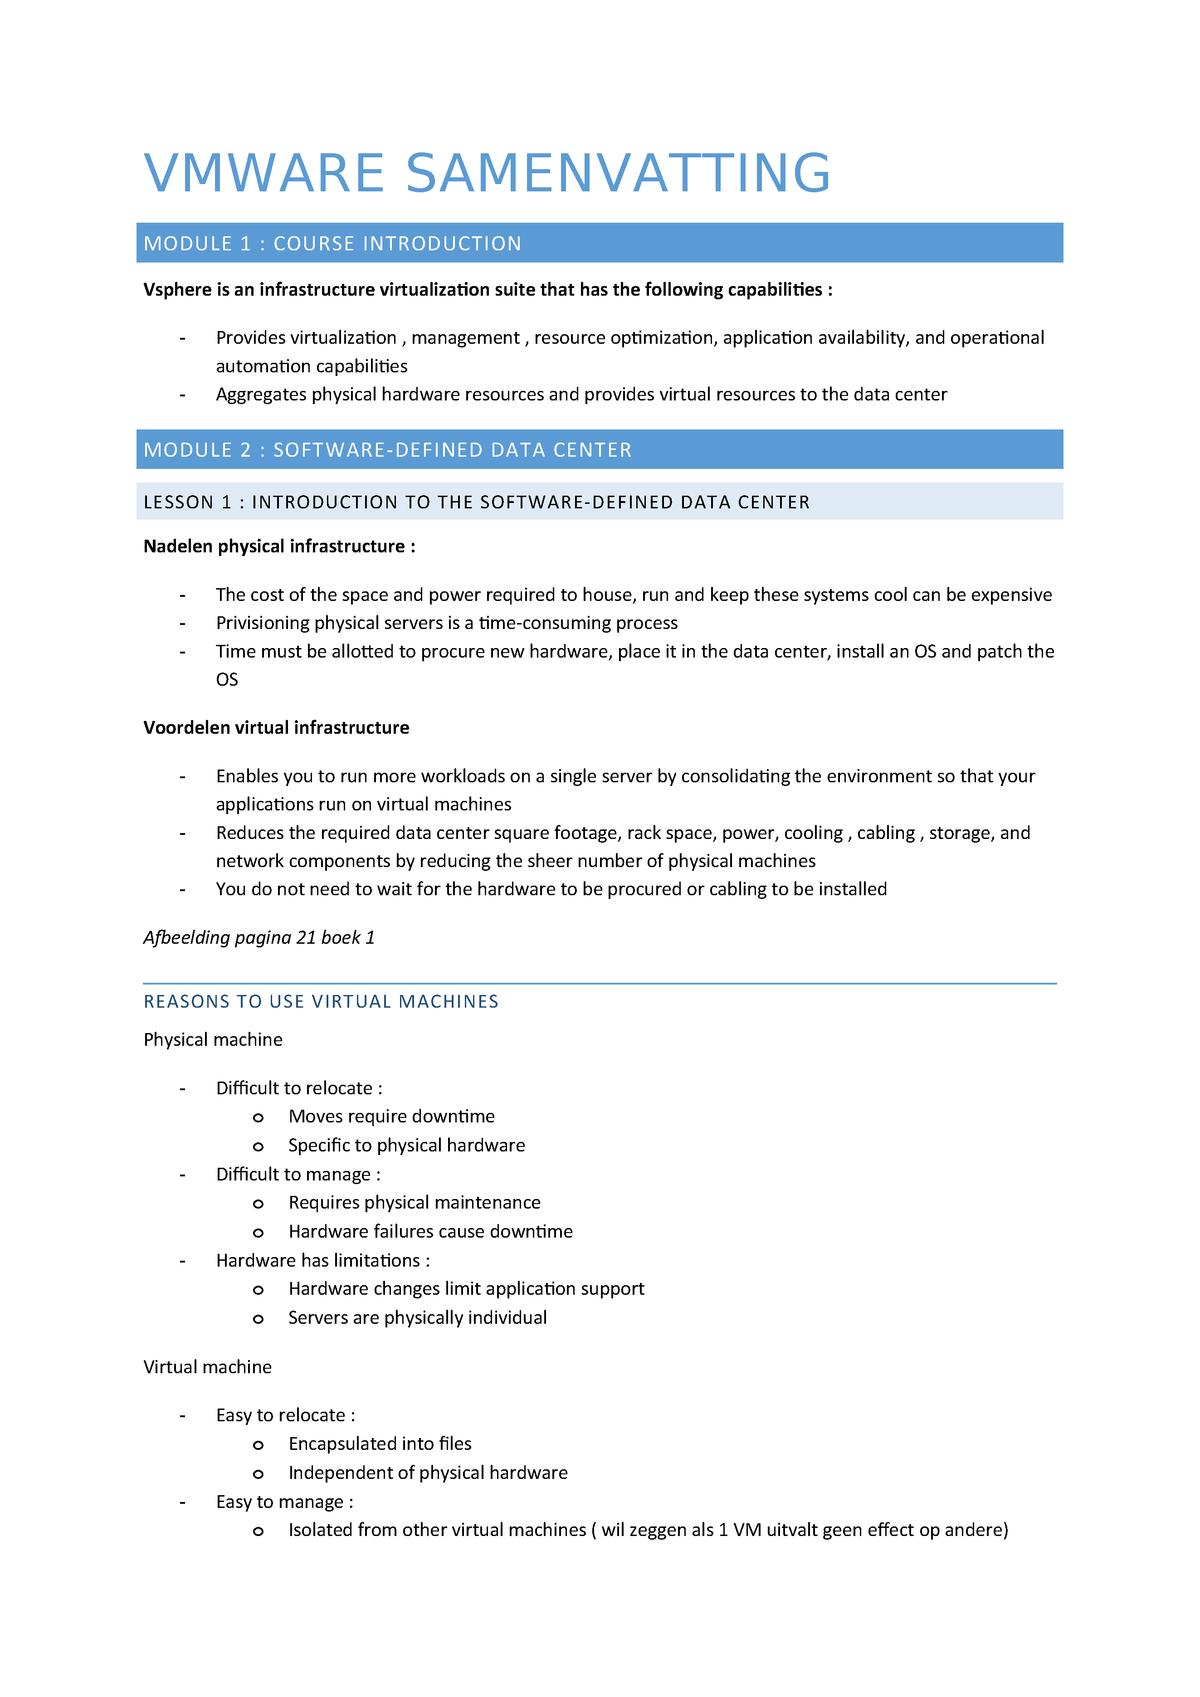 Samenvatting - compleet - Vmware - StuDocu